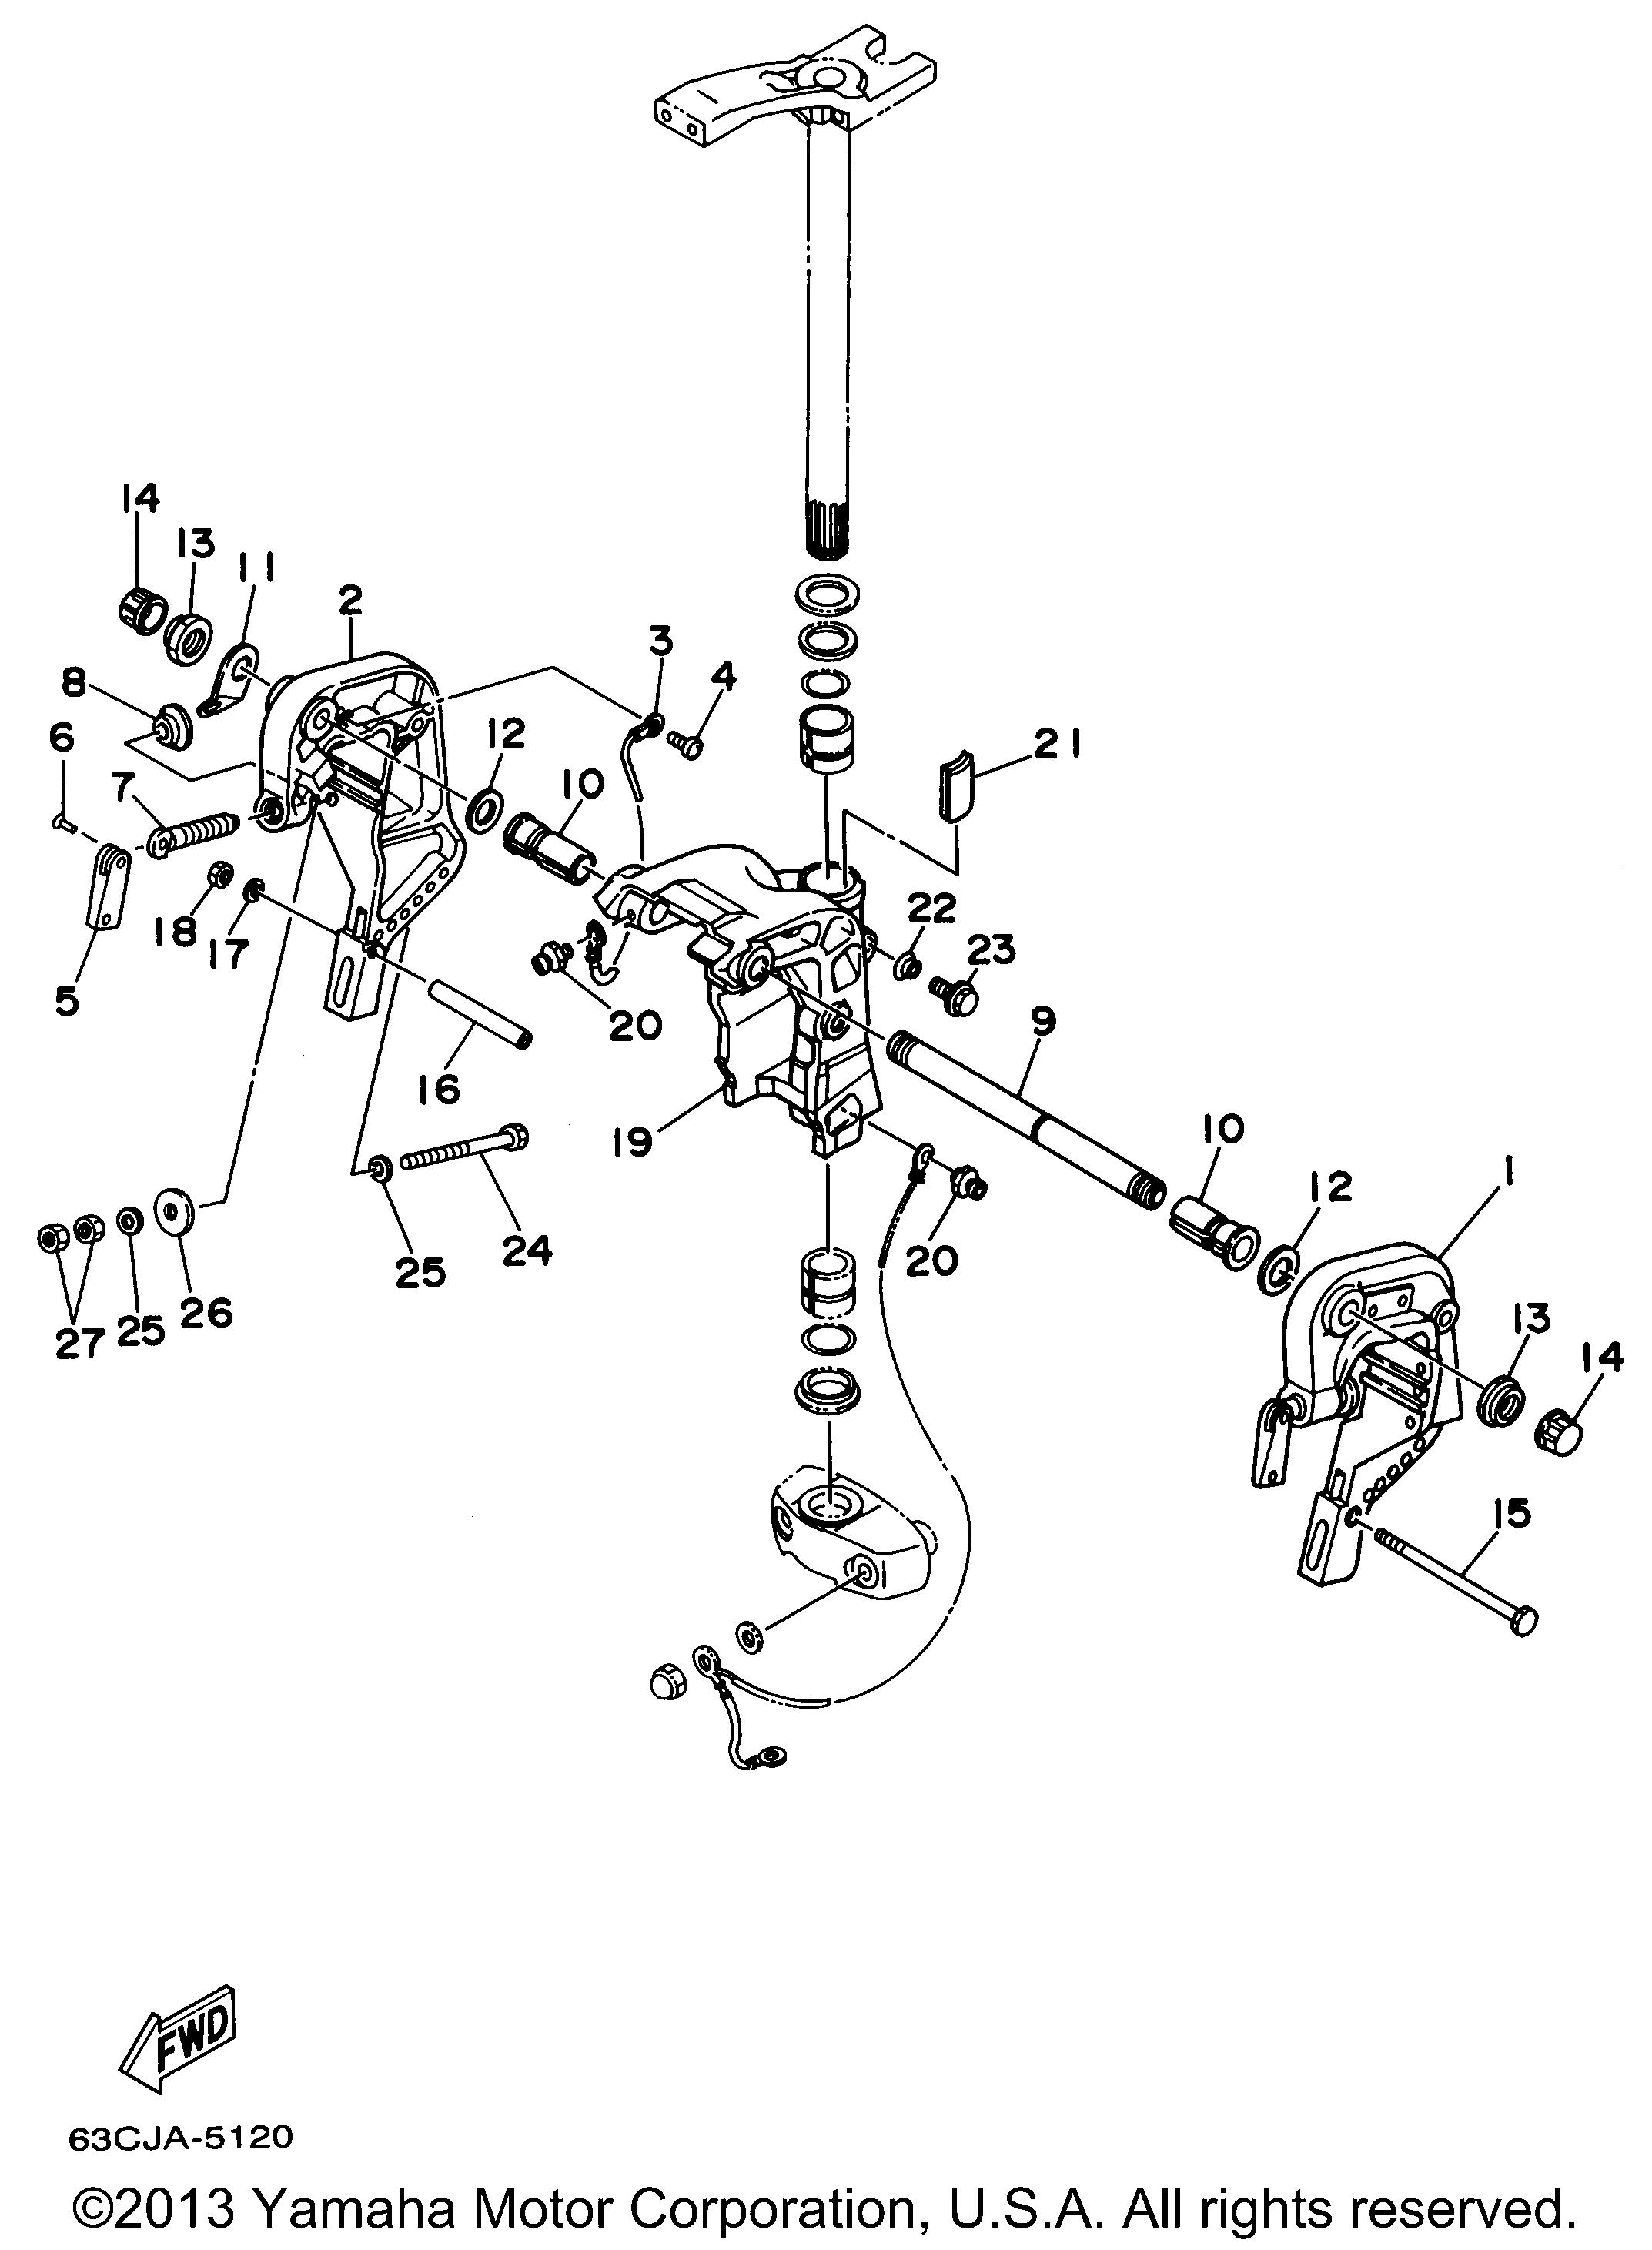 Yamaha 40 Wiring Diagram